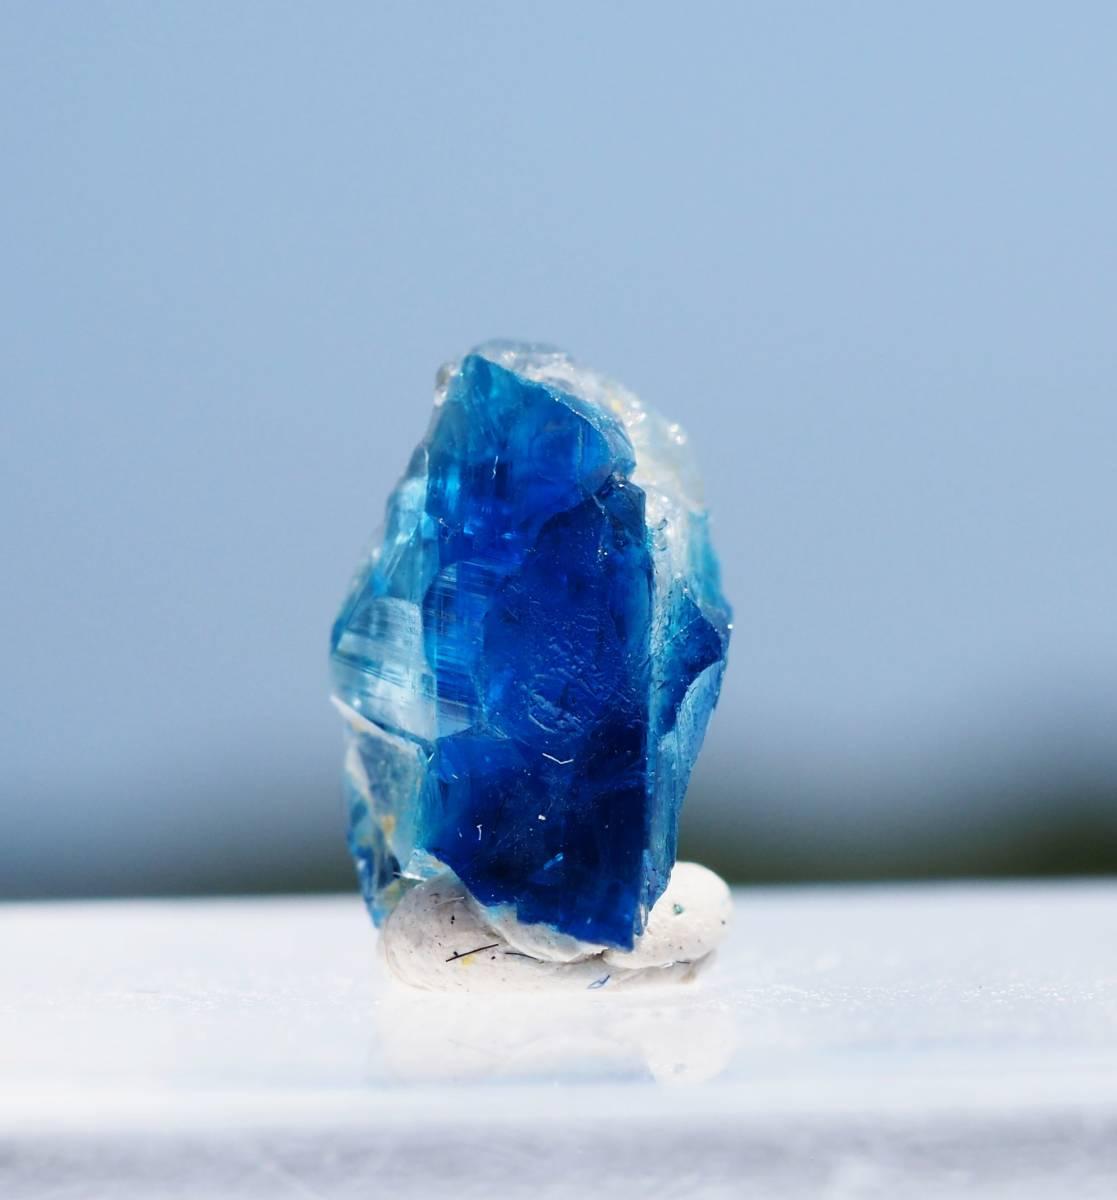 宝石質 ジンバブエ産 ユークレース ハイグレード 深く透明なブルーライン_画像2